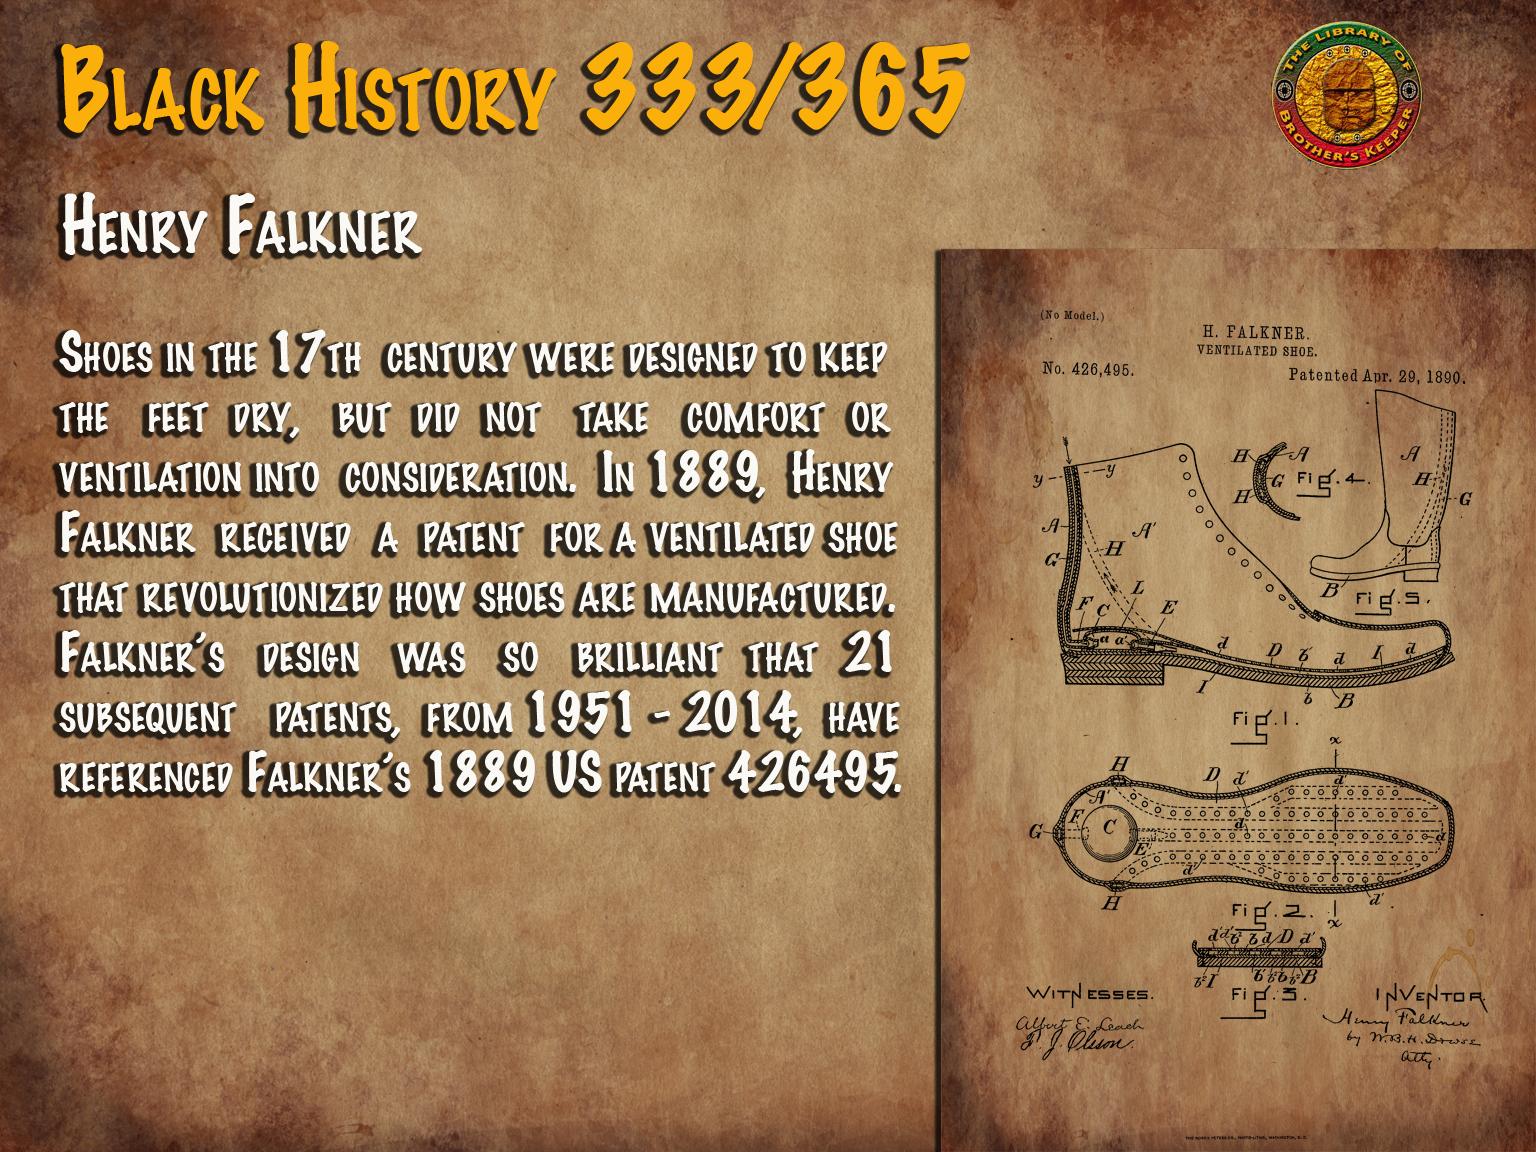 Henry Falkner